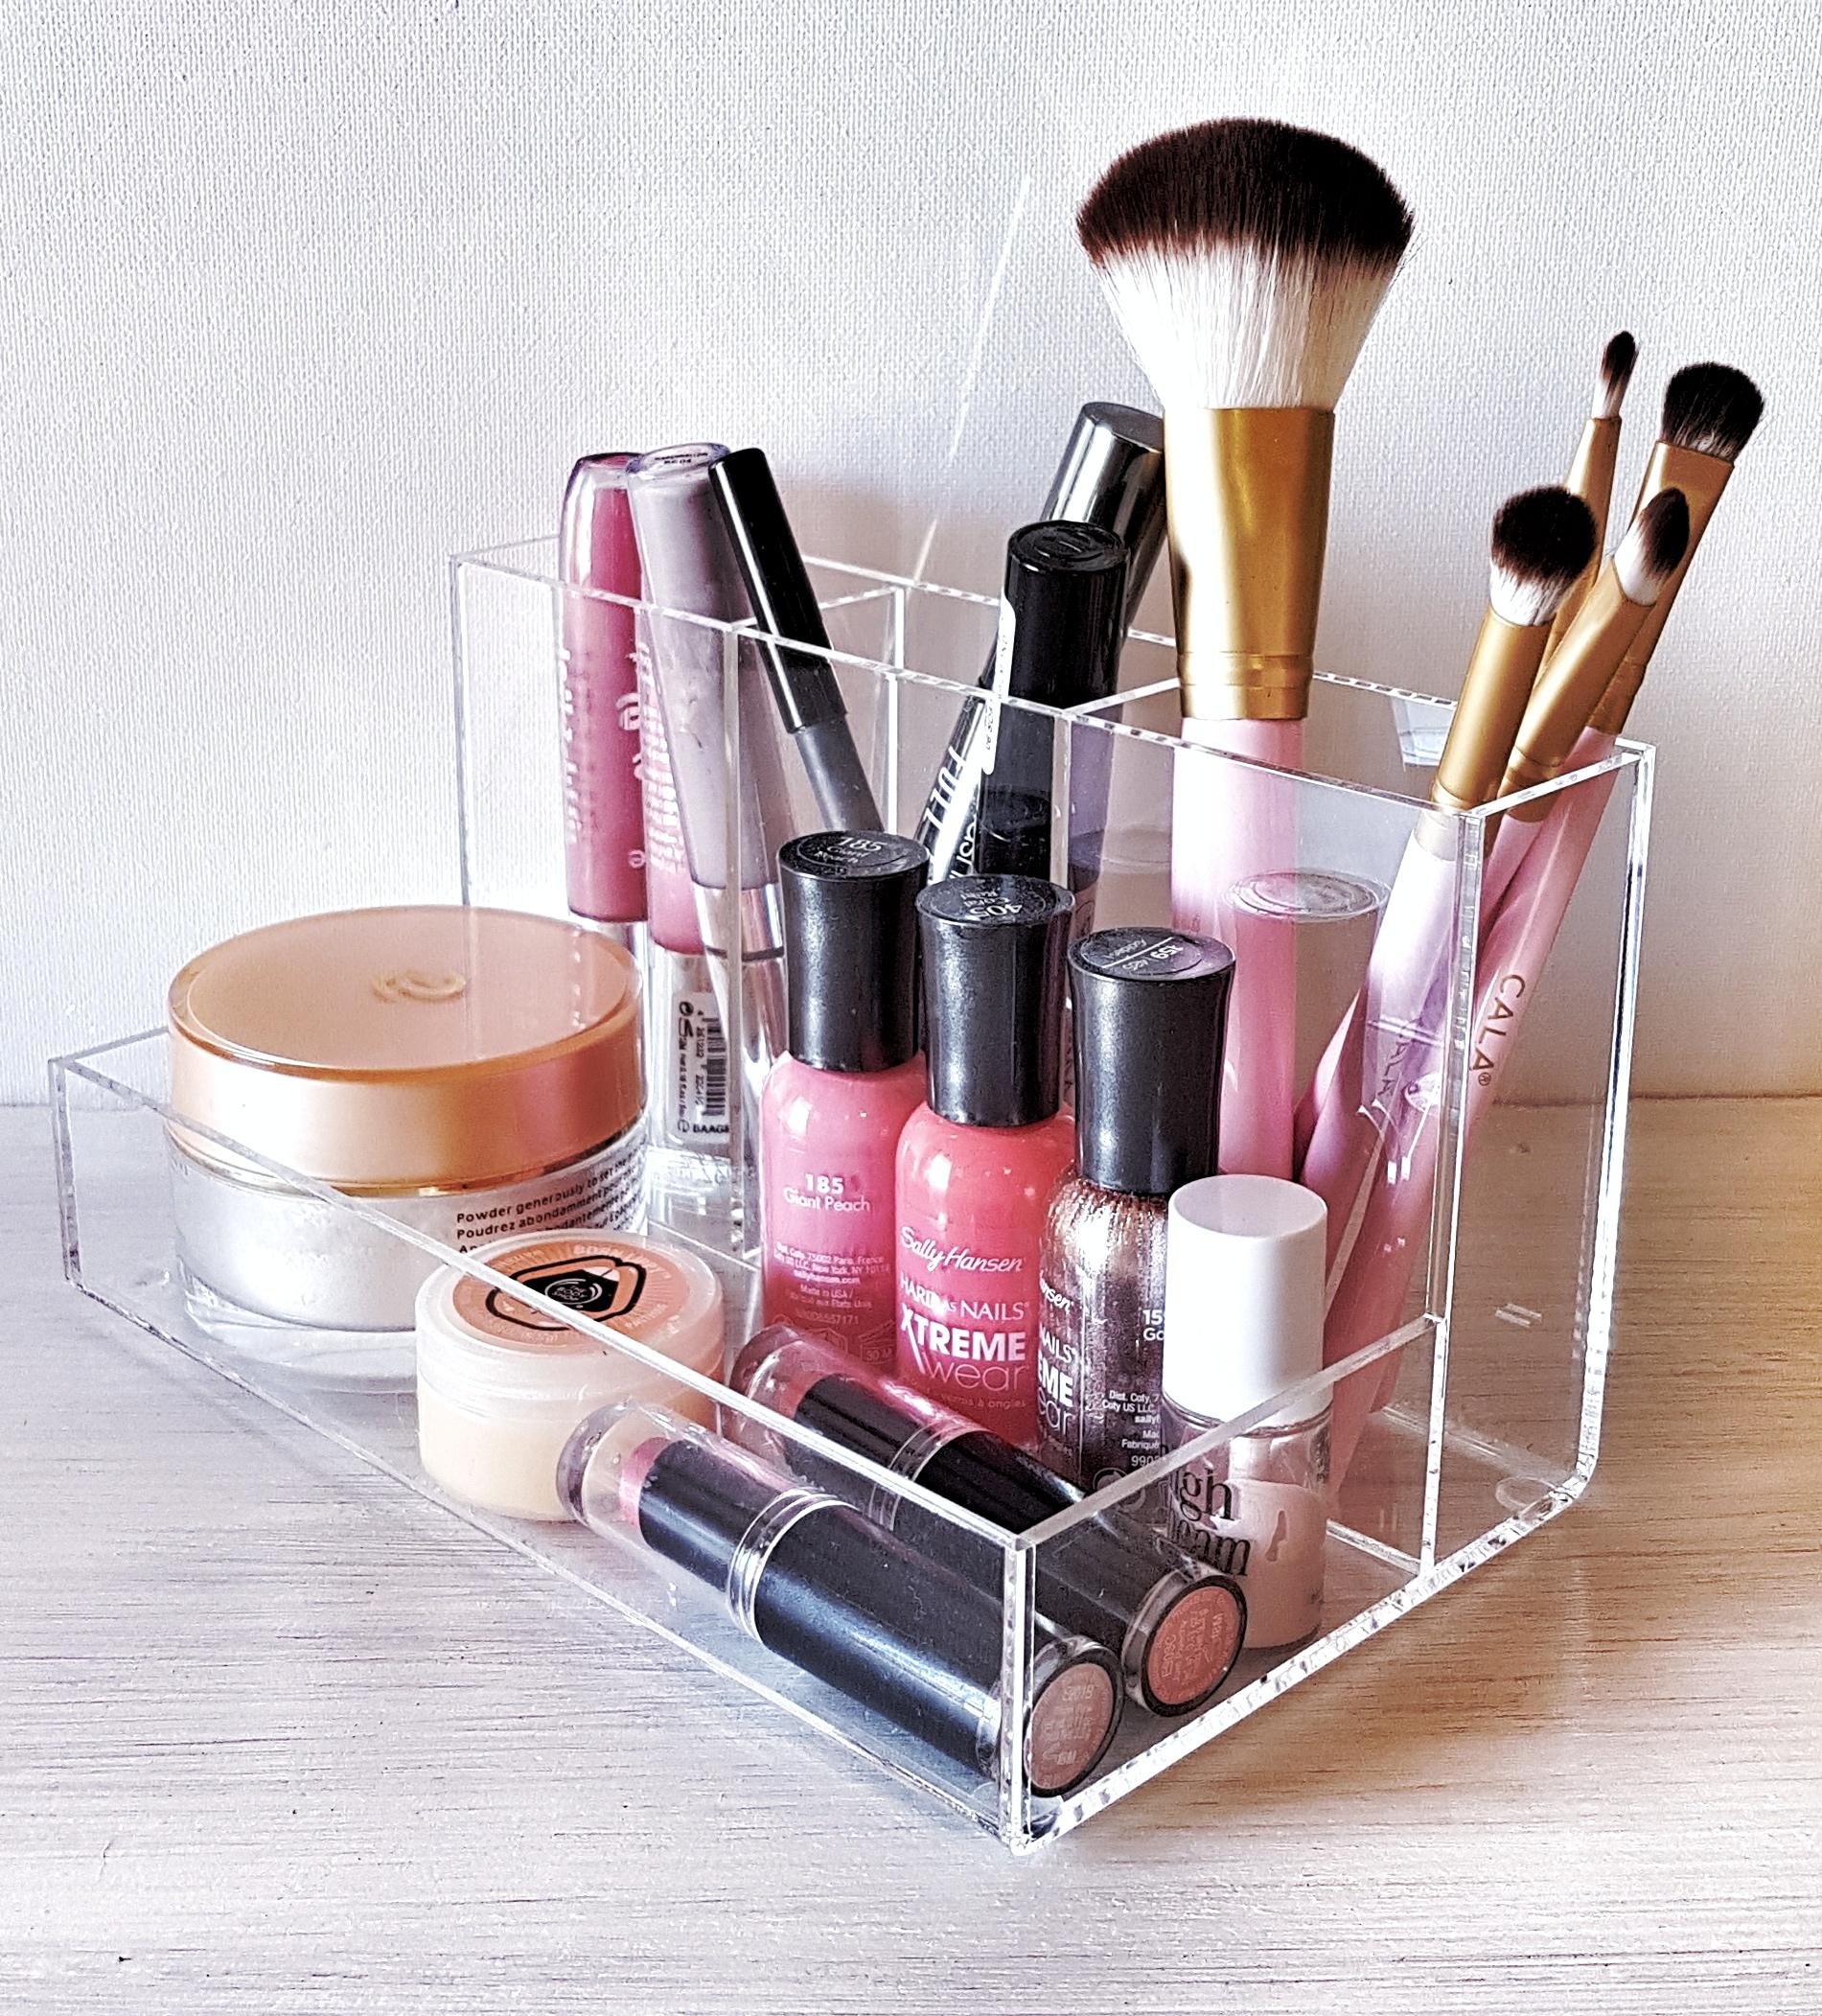 20171211 114019 01 The Beauty Box